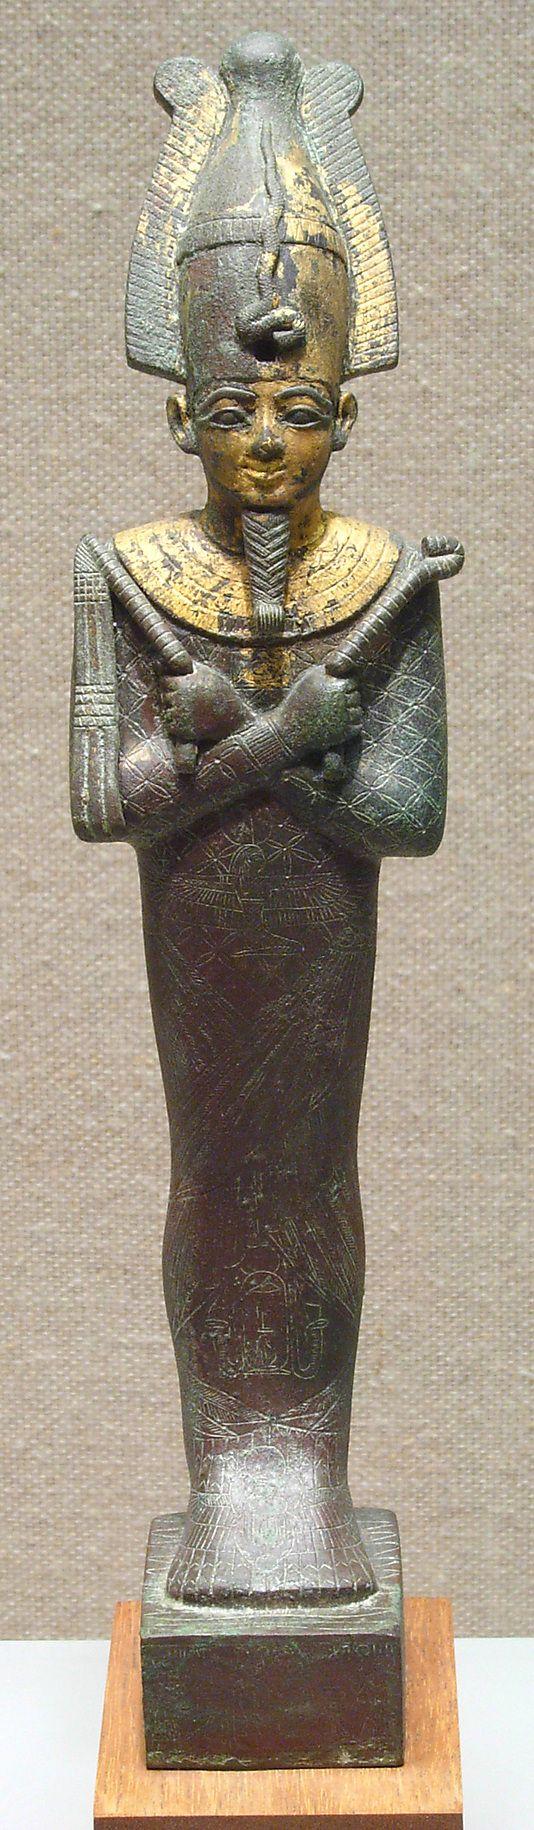 Estátua de Osíris, deus juiz dos mortos. #Mitologia